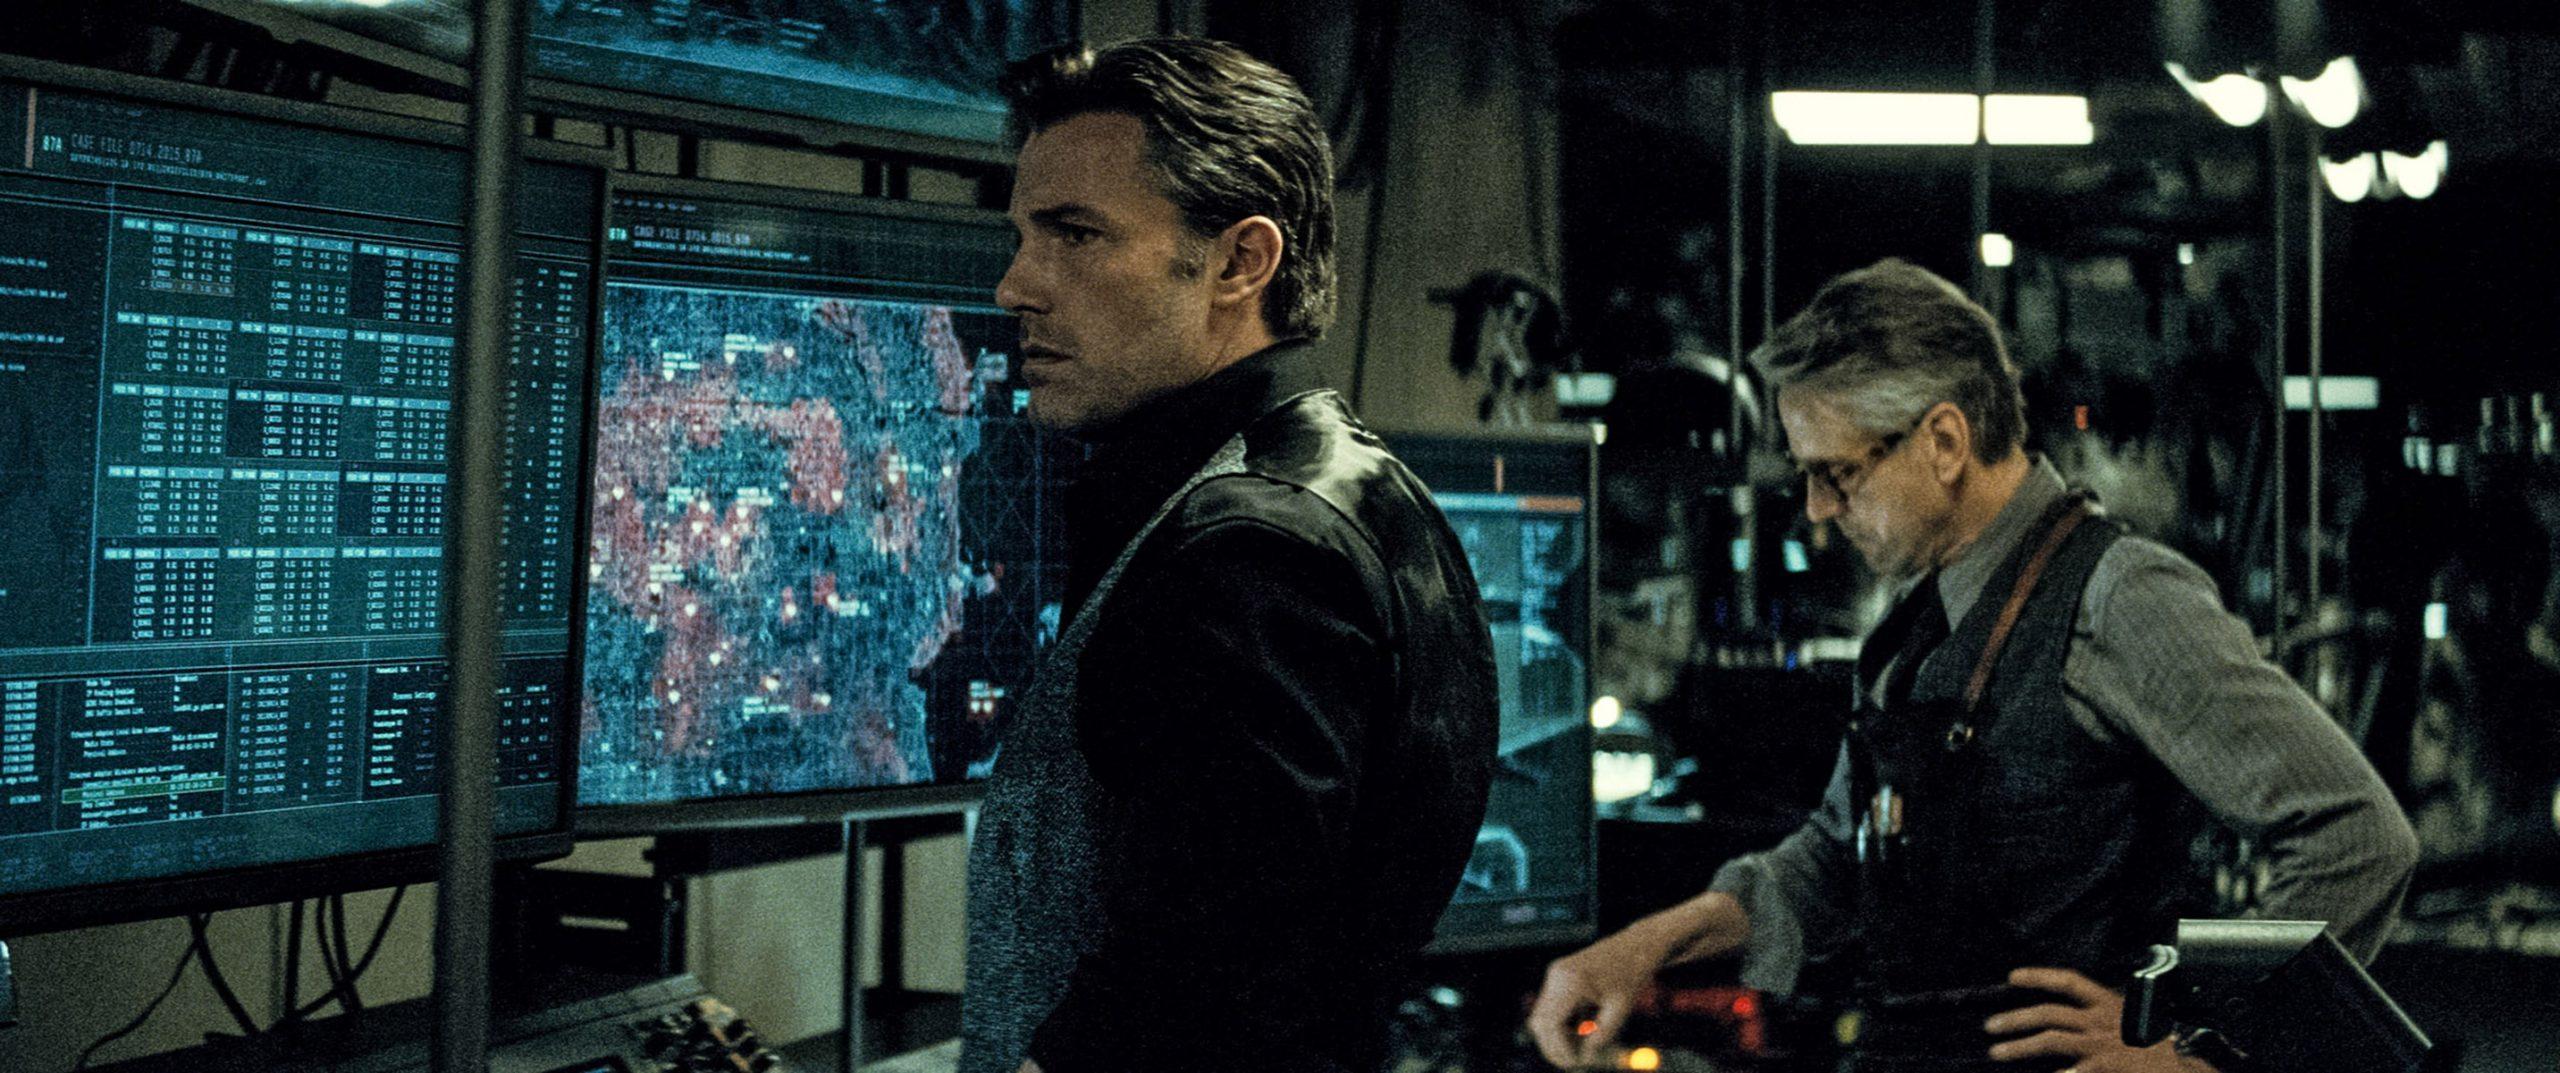 Слух: Бен Аффлек может отказаться от роли Бэтмана